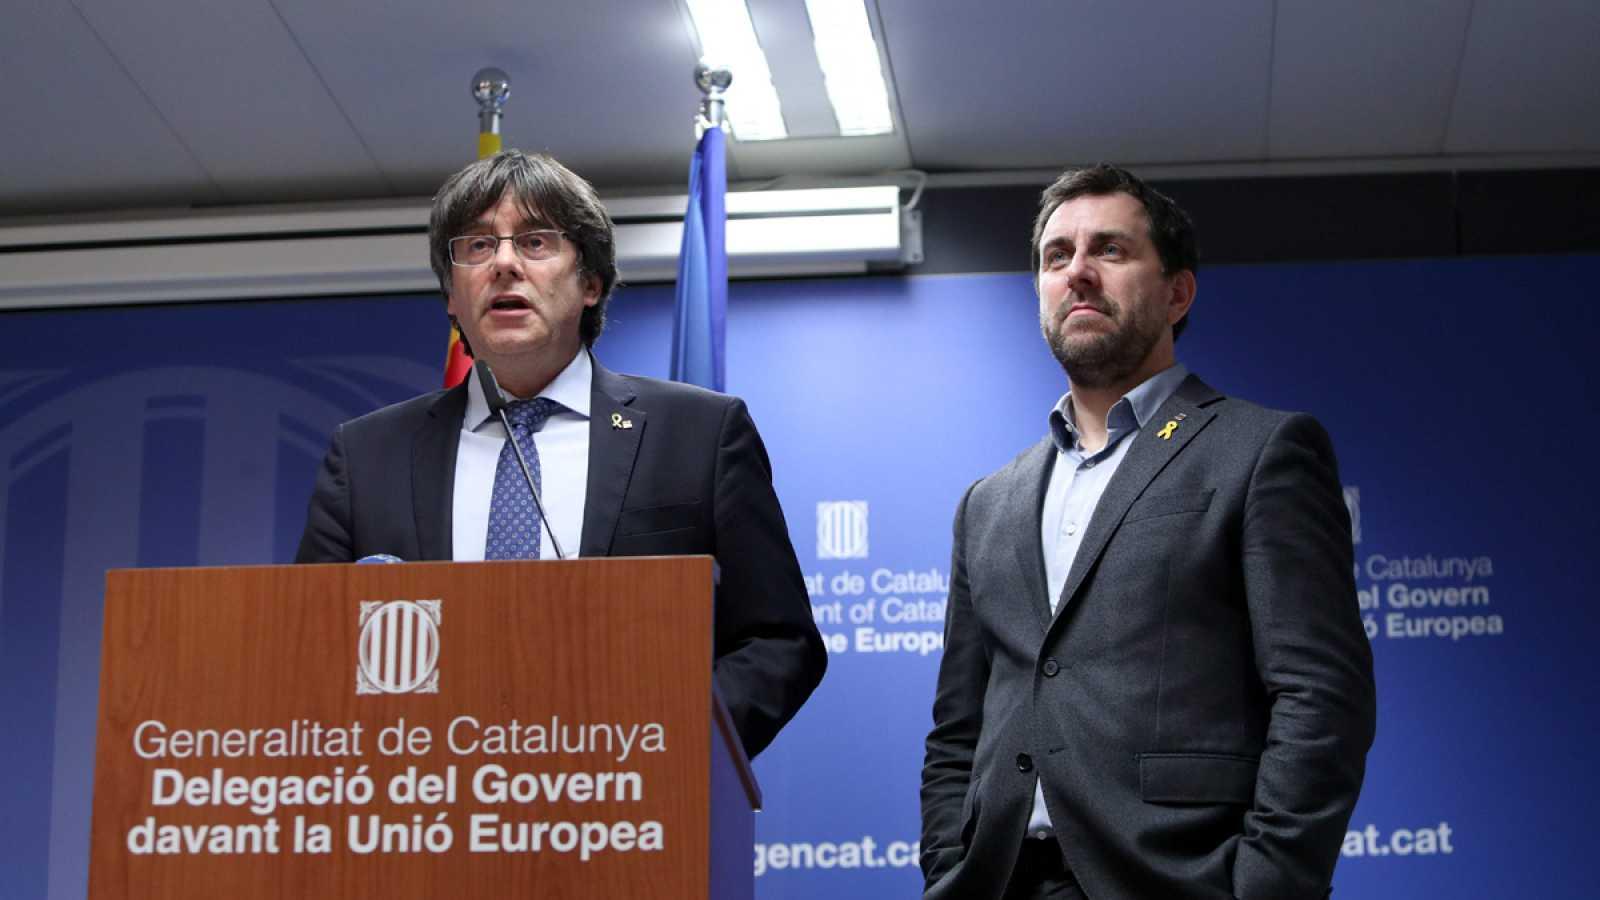 Carles Puigdemont y Toni Comín, en la Delegación de la Generalitat de Cataluña en la Unión Europea